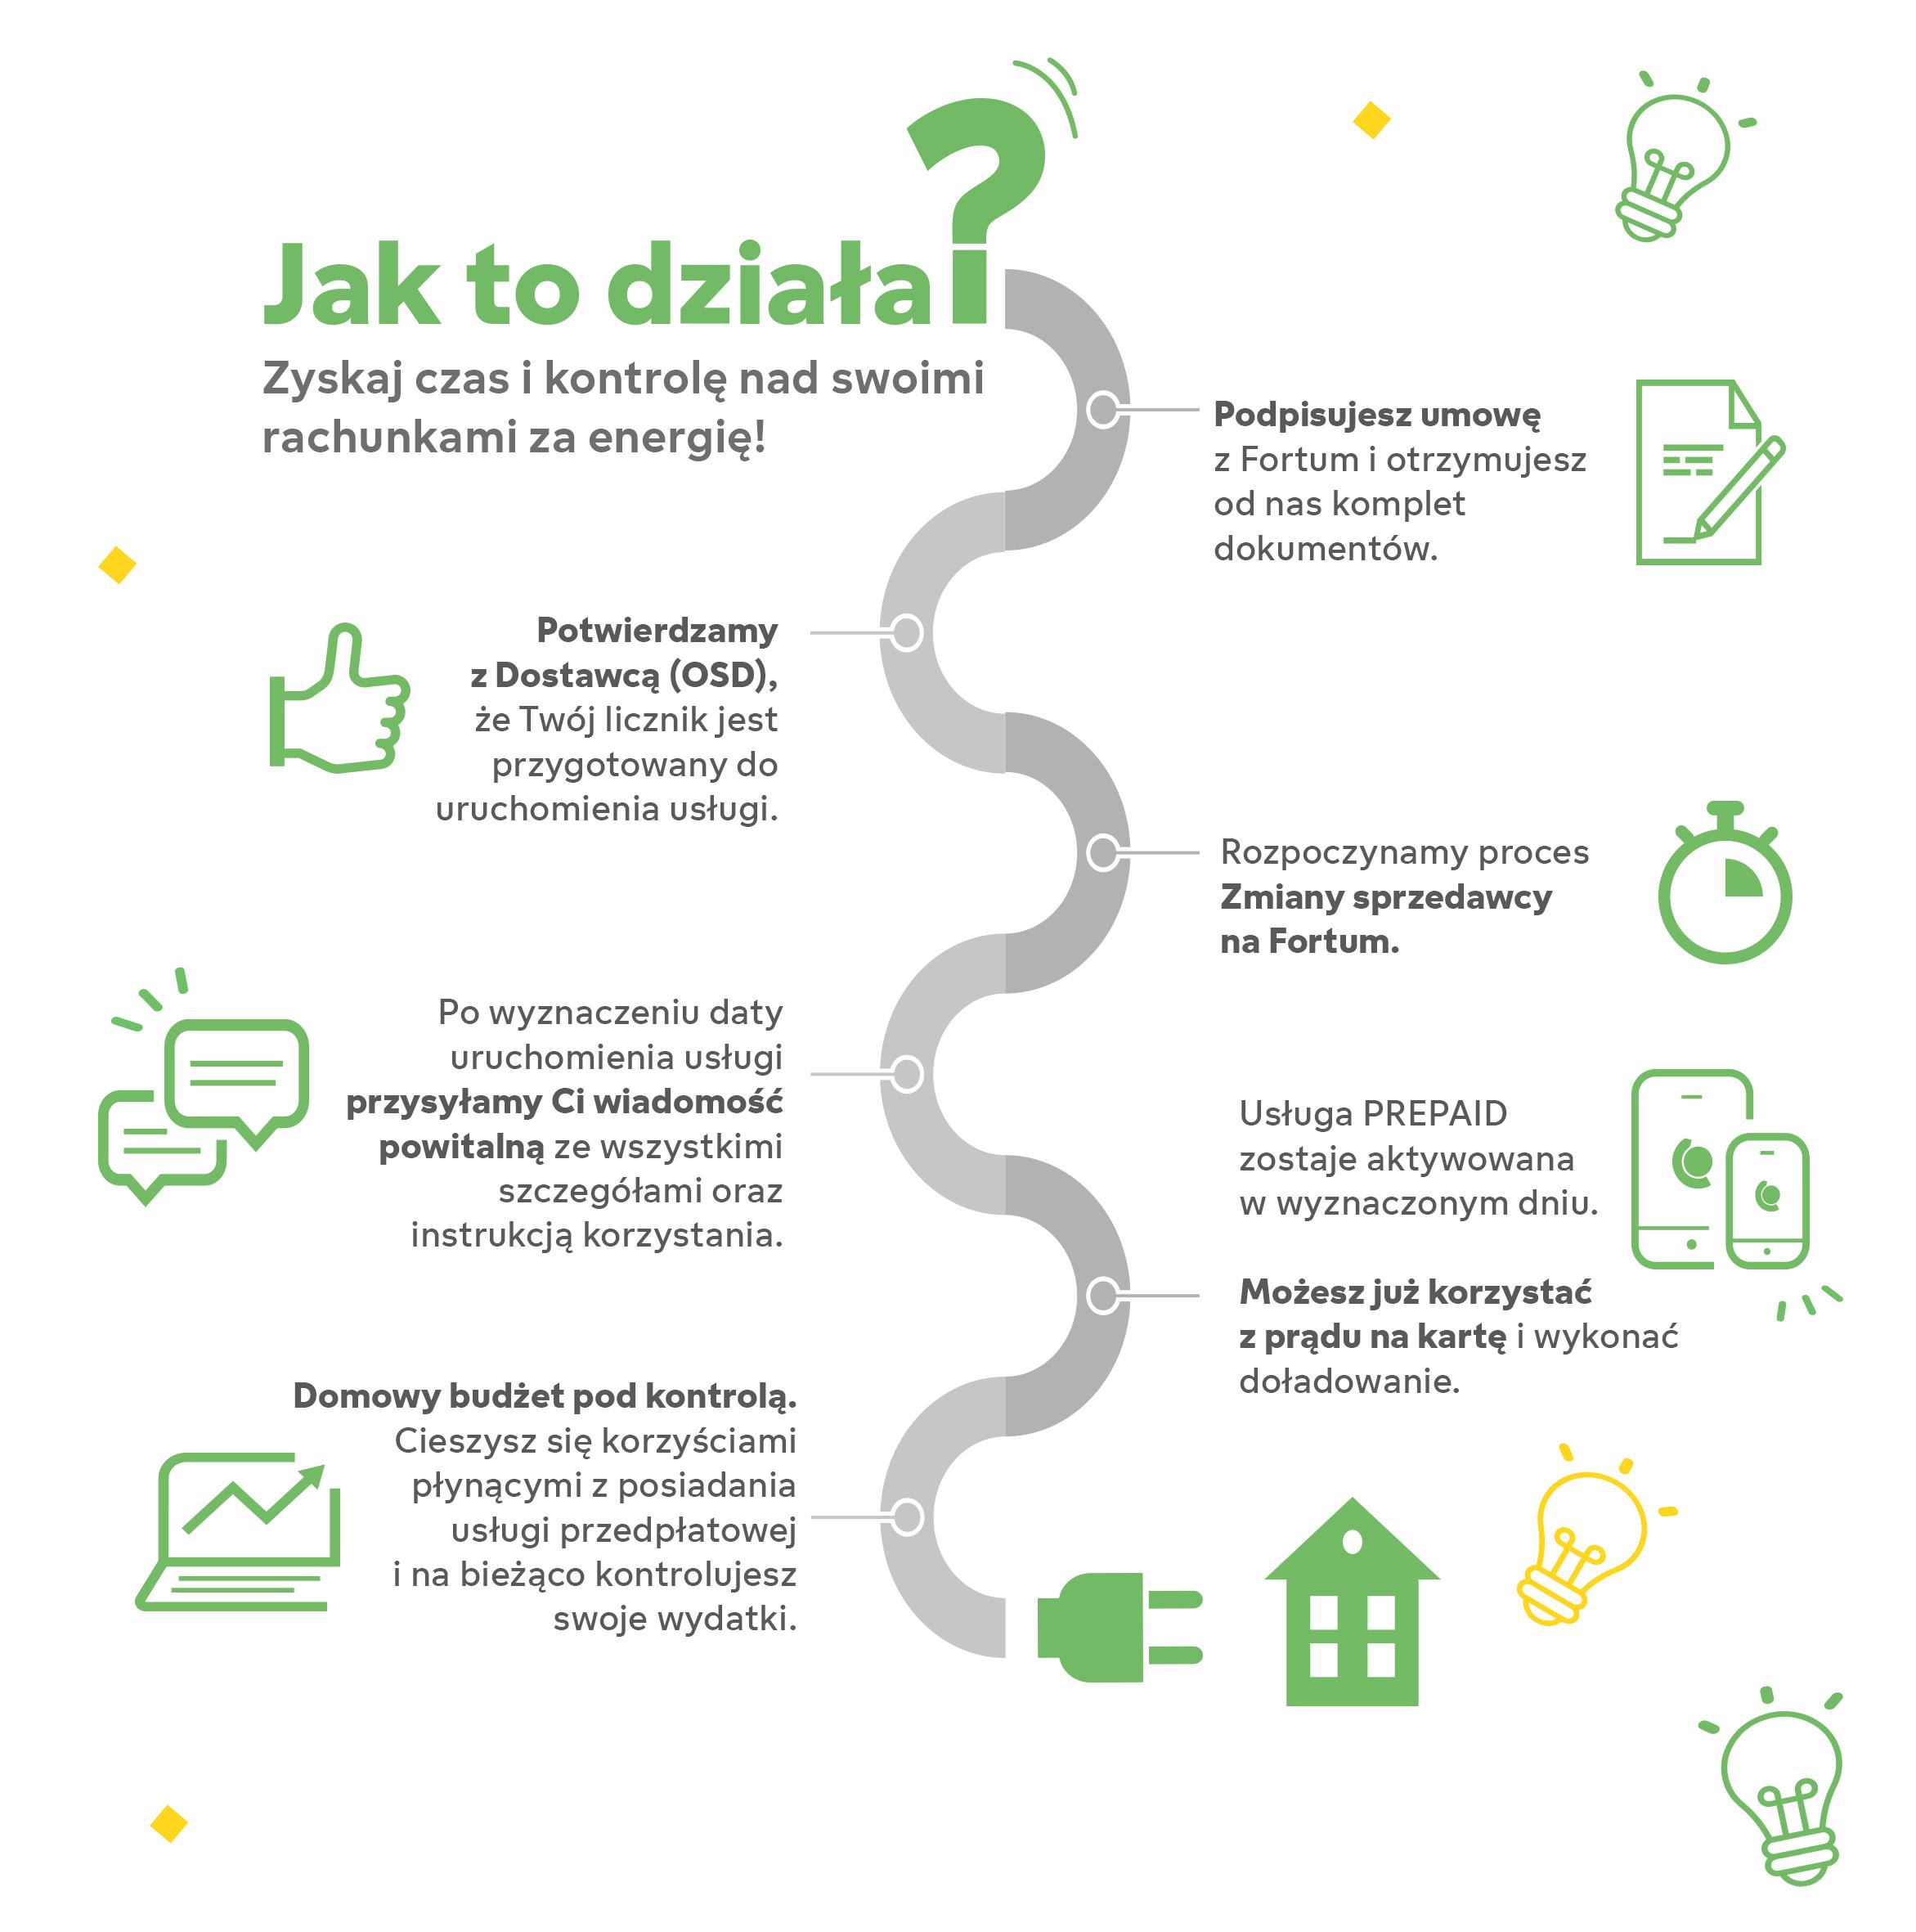 prad_na_karte_jak_to_dziala